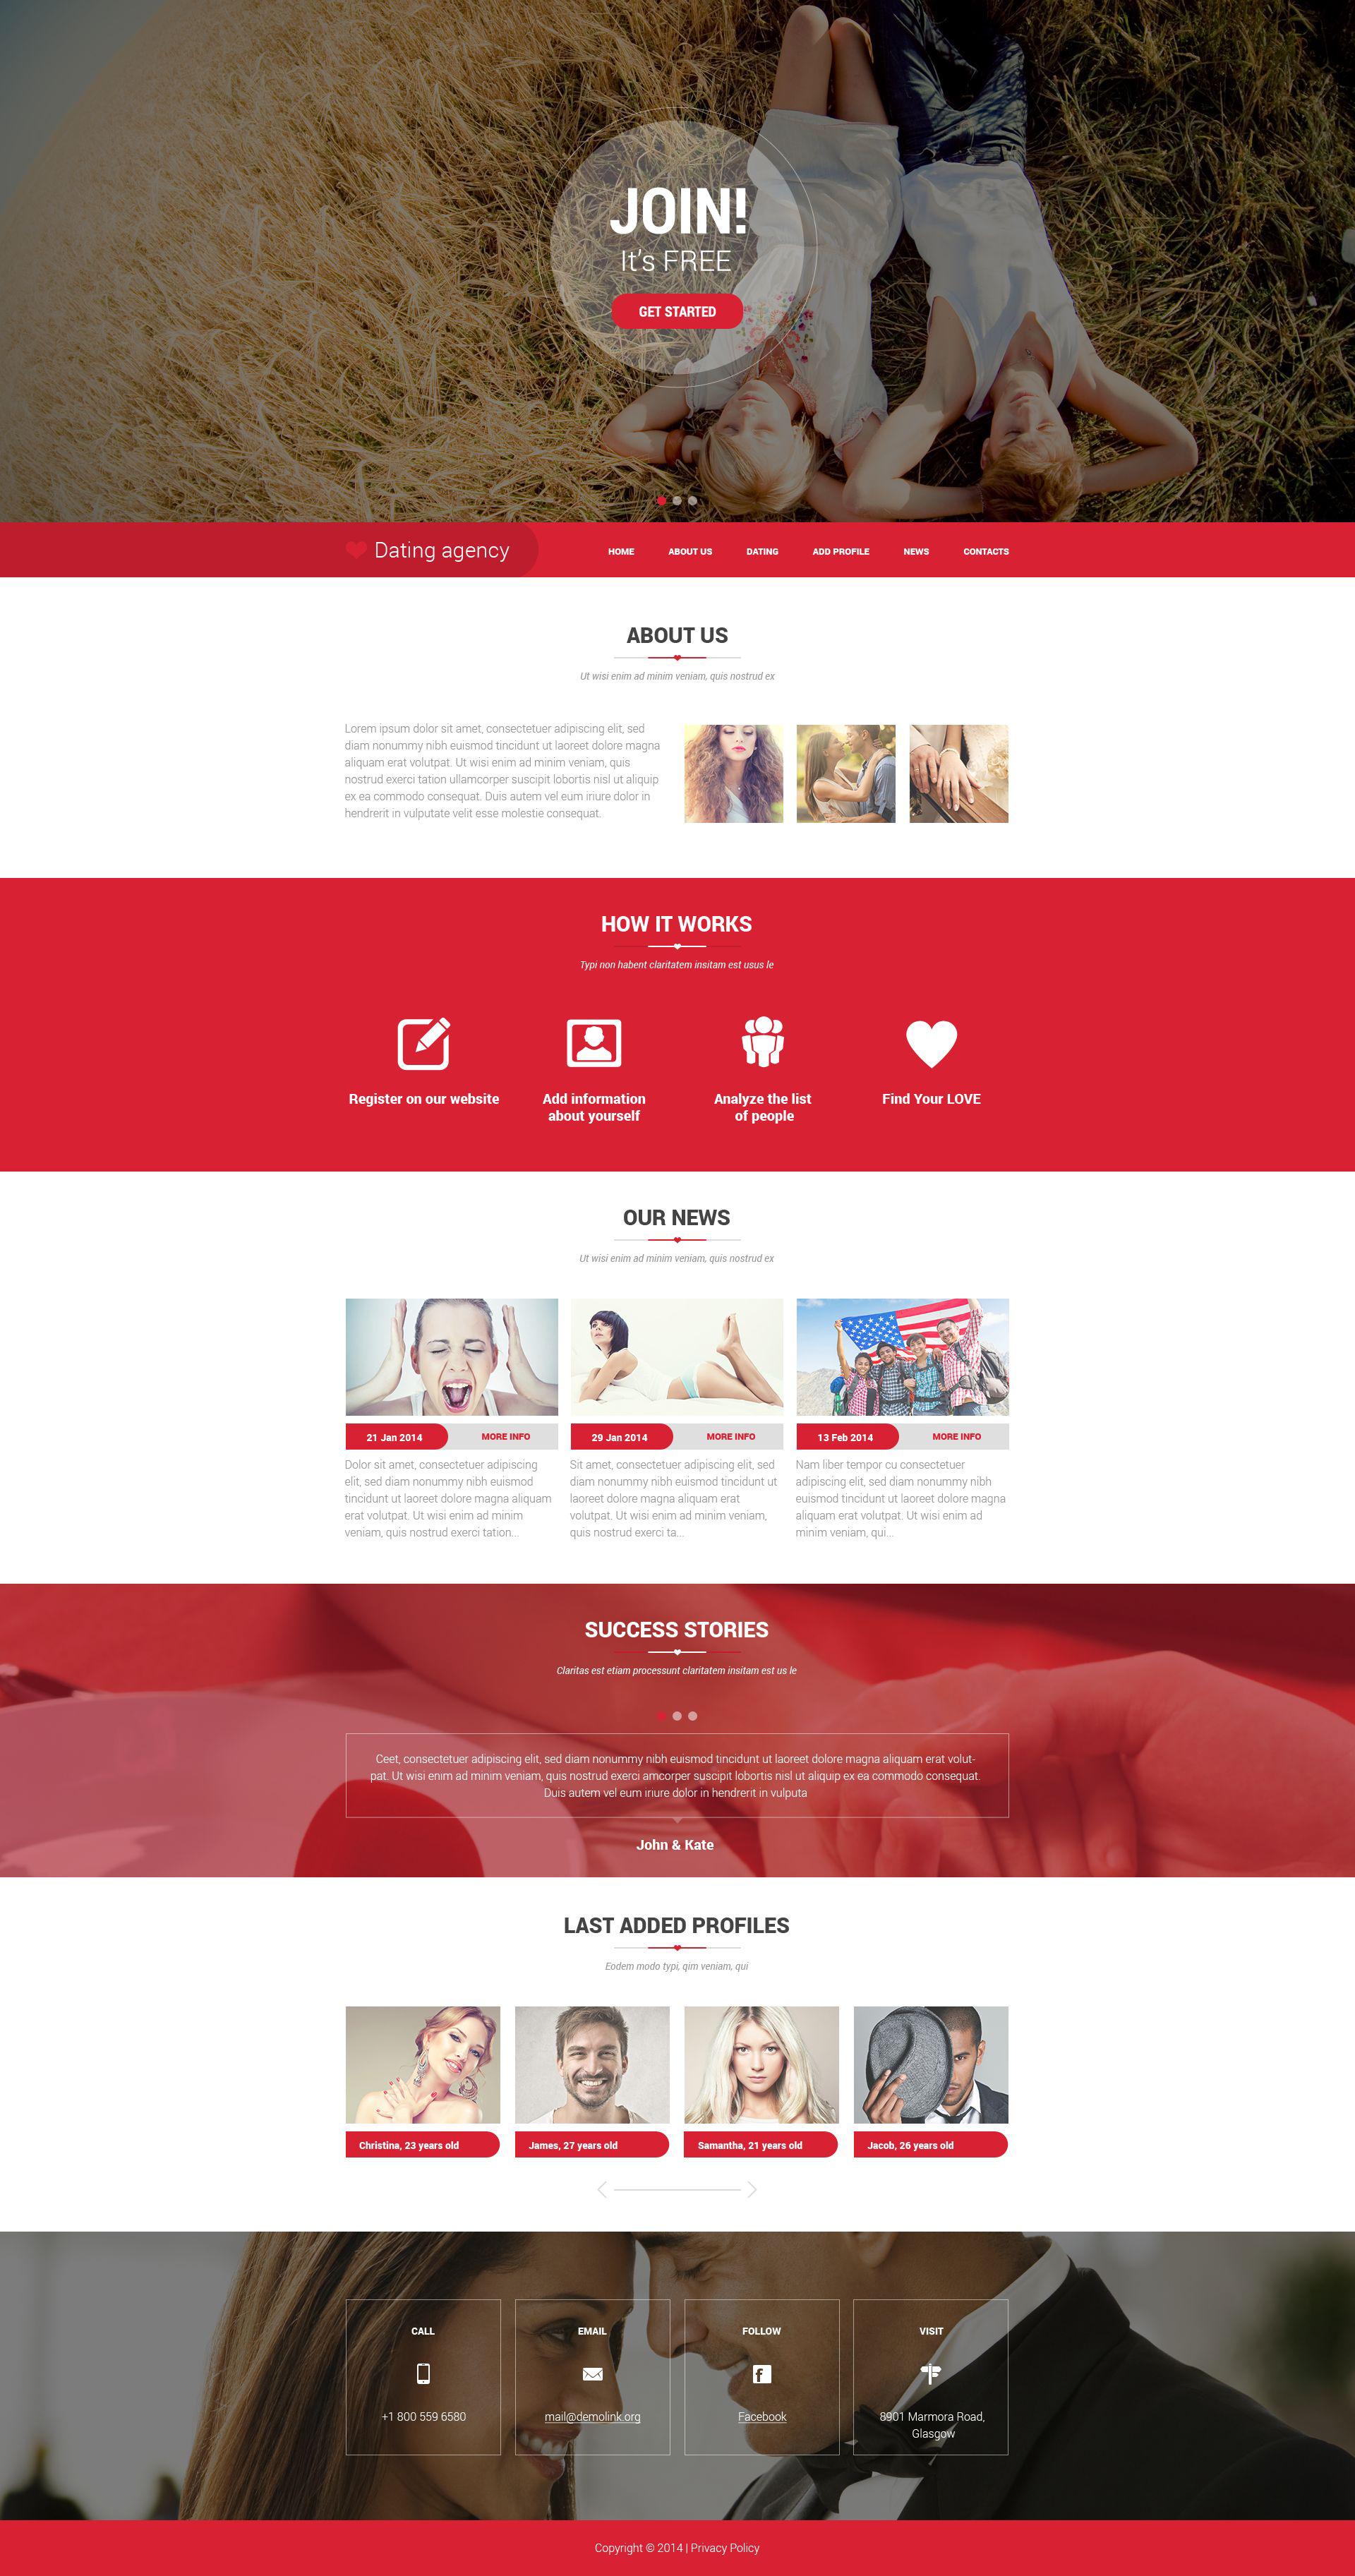 Sitio de citas web sexo ahora Avilés-27130